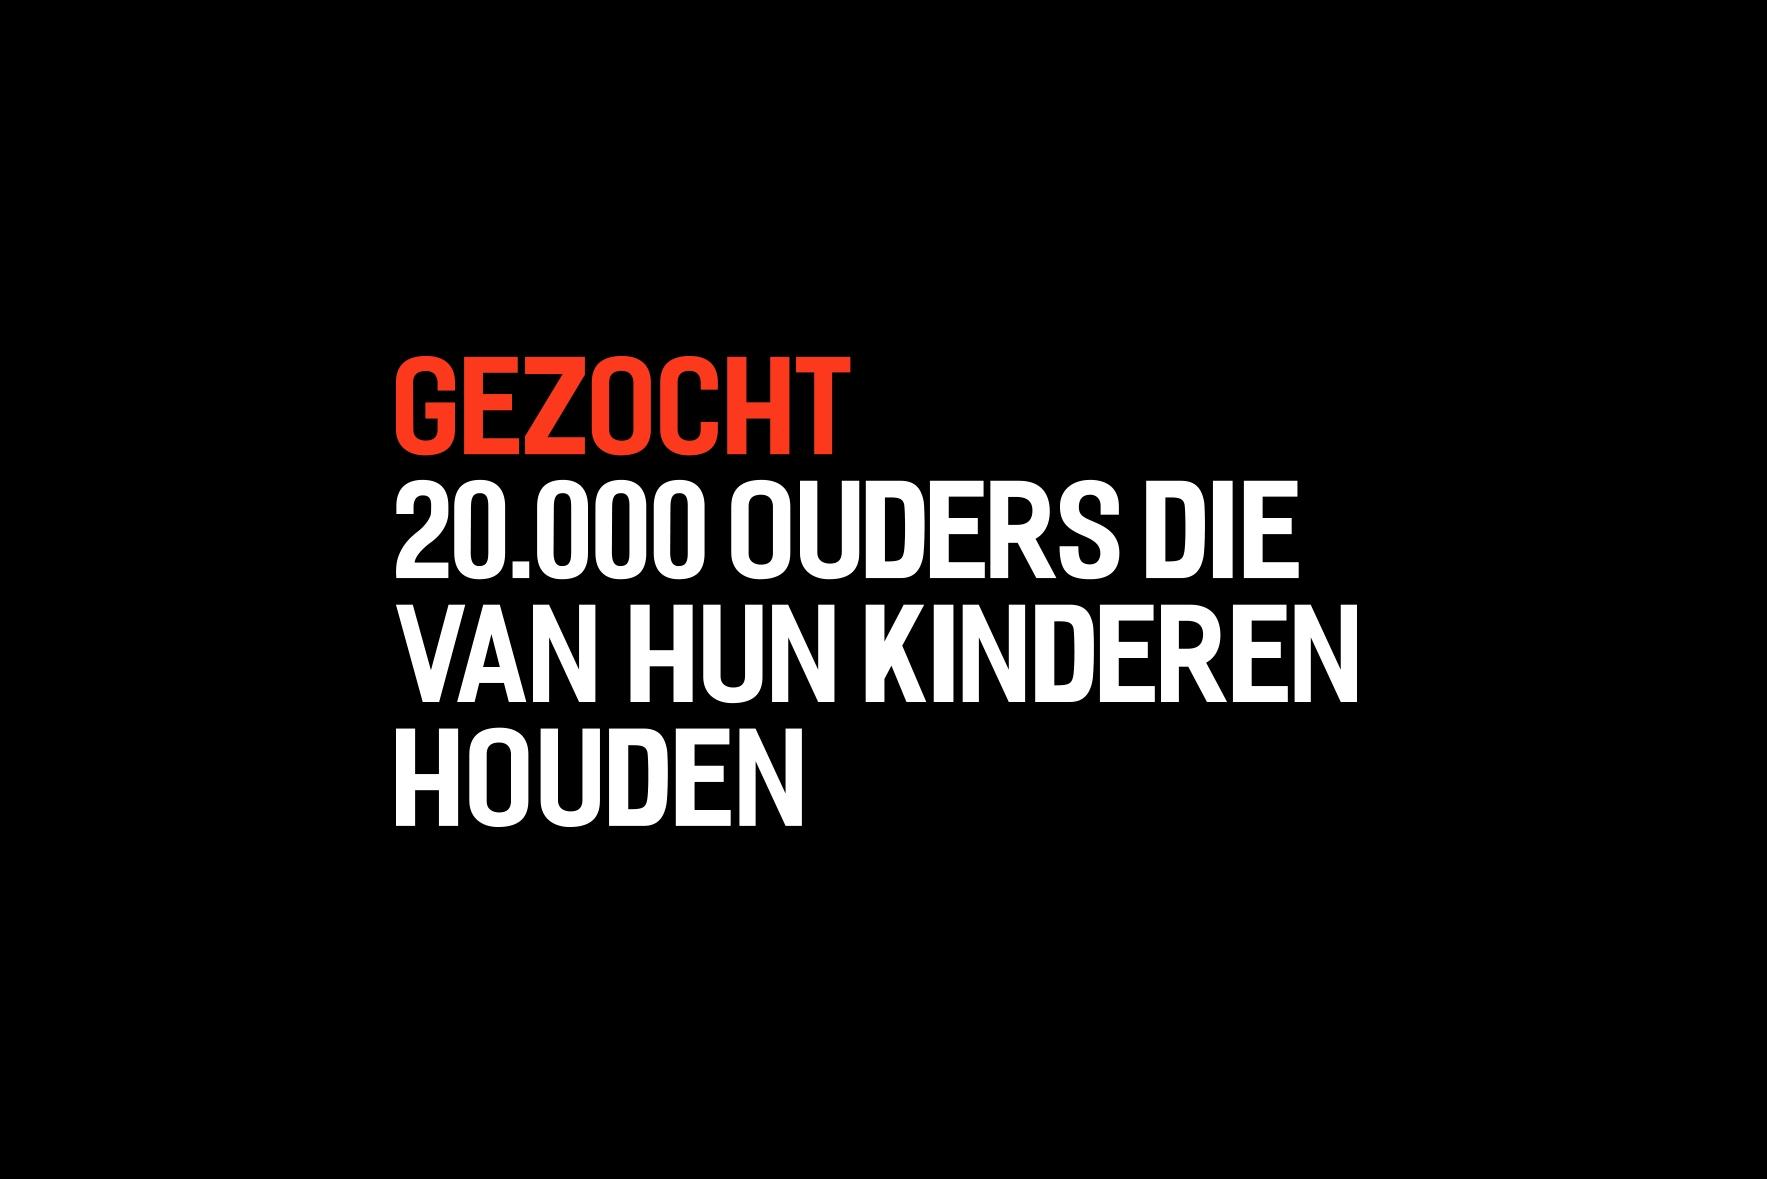 Gezocht: 20.000 ouders die van hun kinderen houden